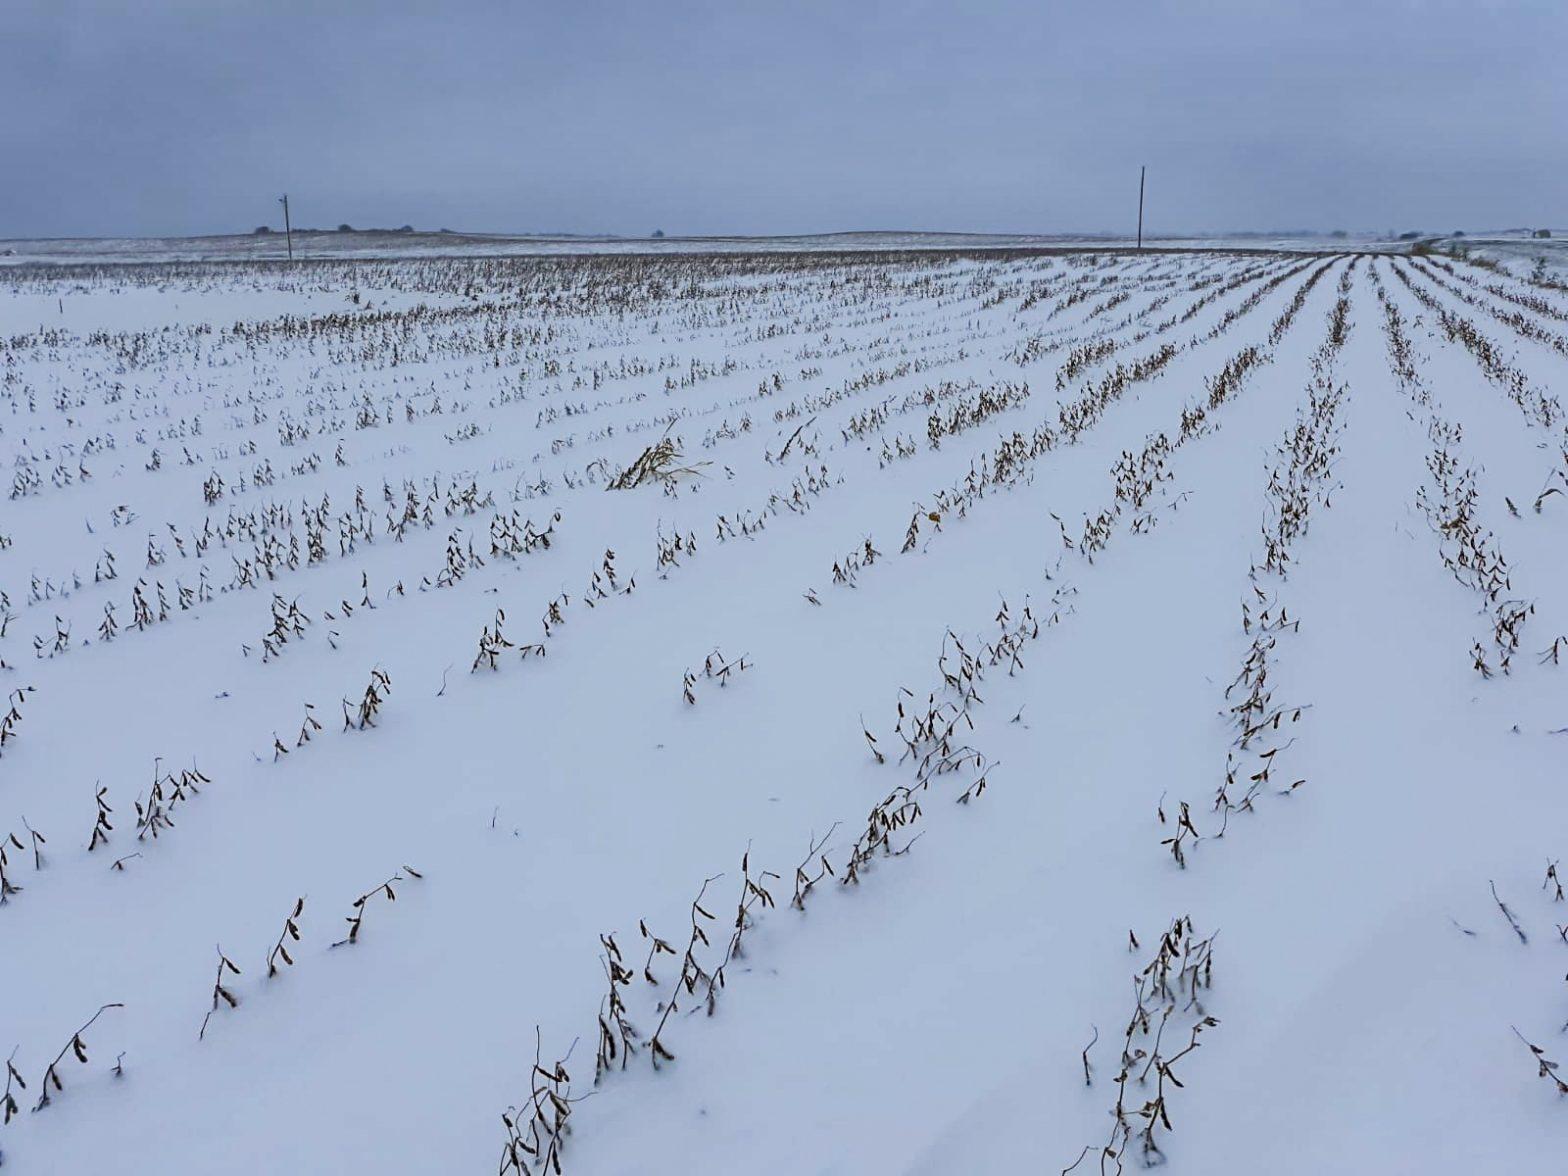 Soja pronta para colheita fica enterrada na neve depois de nevascas que atingiu vários estados dois Estados Unidos